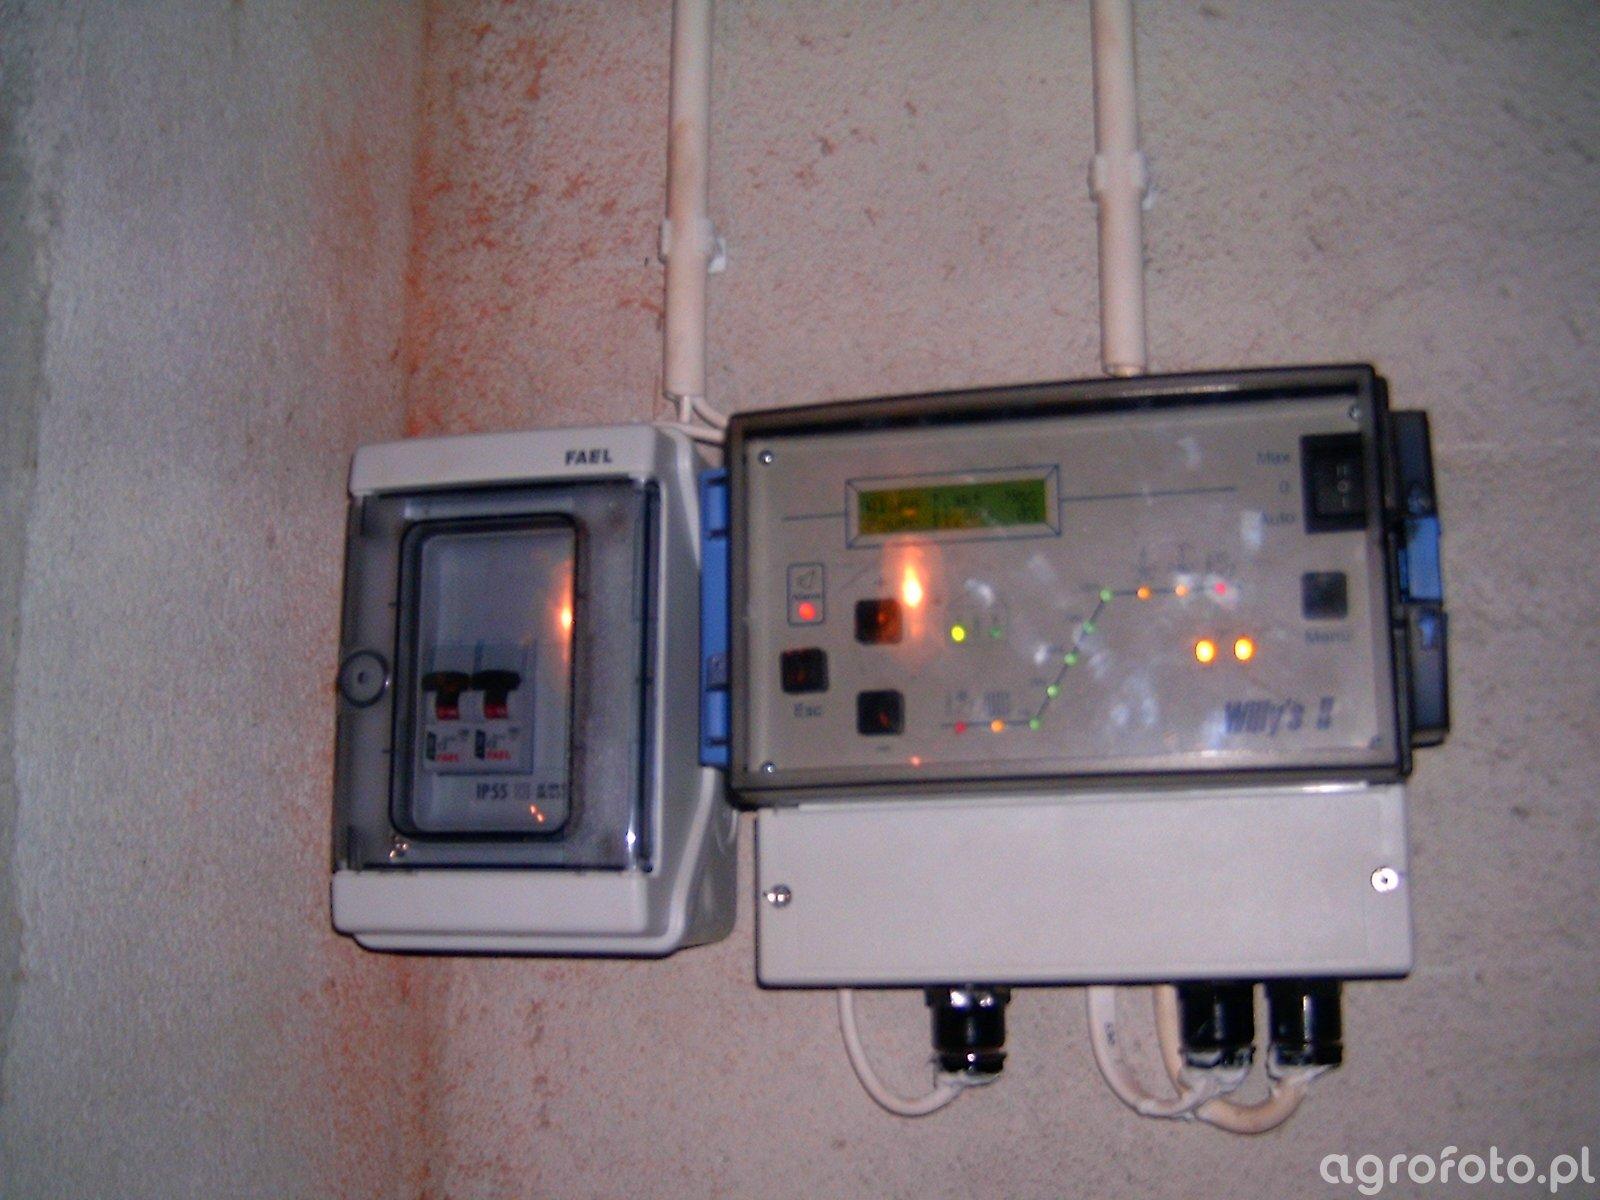 Komputer regulujący temperaturę